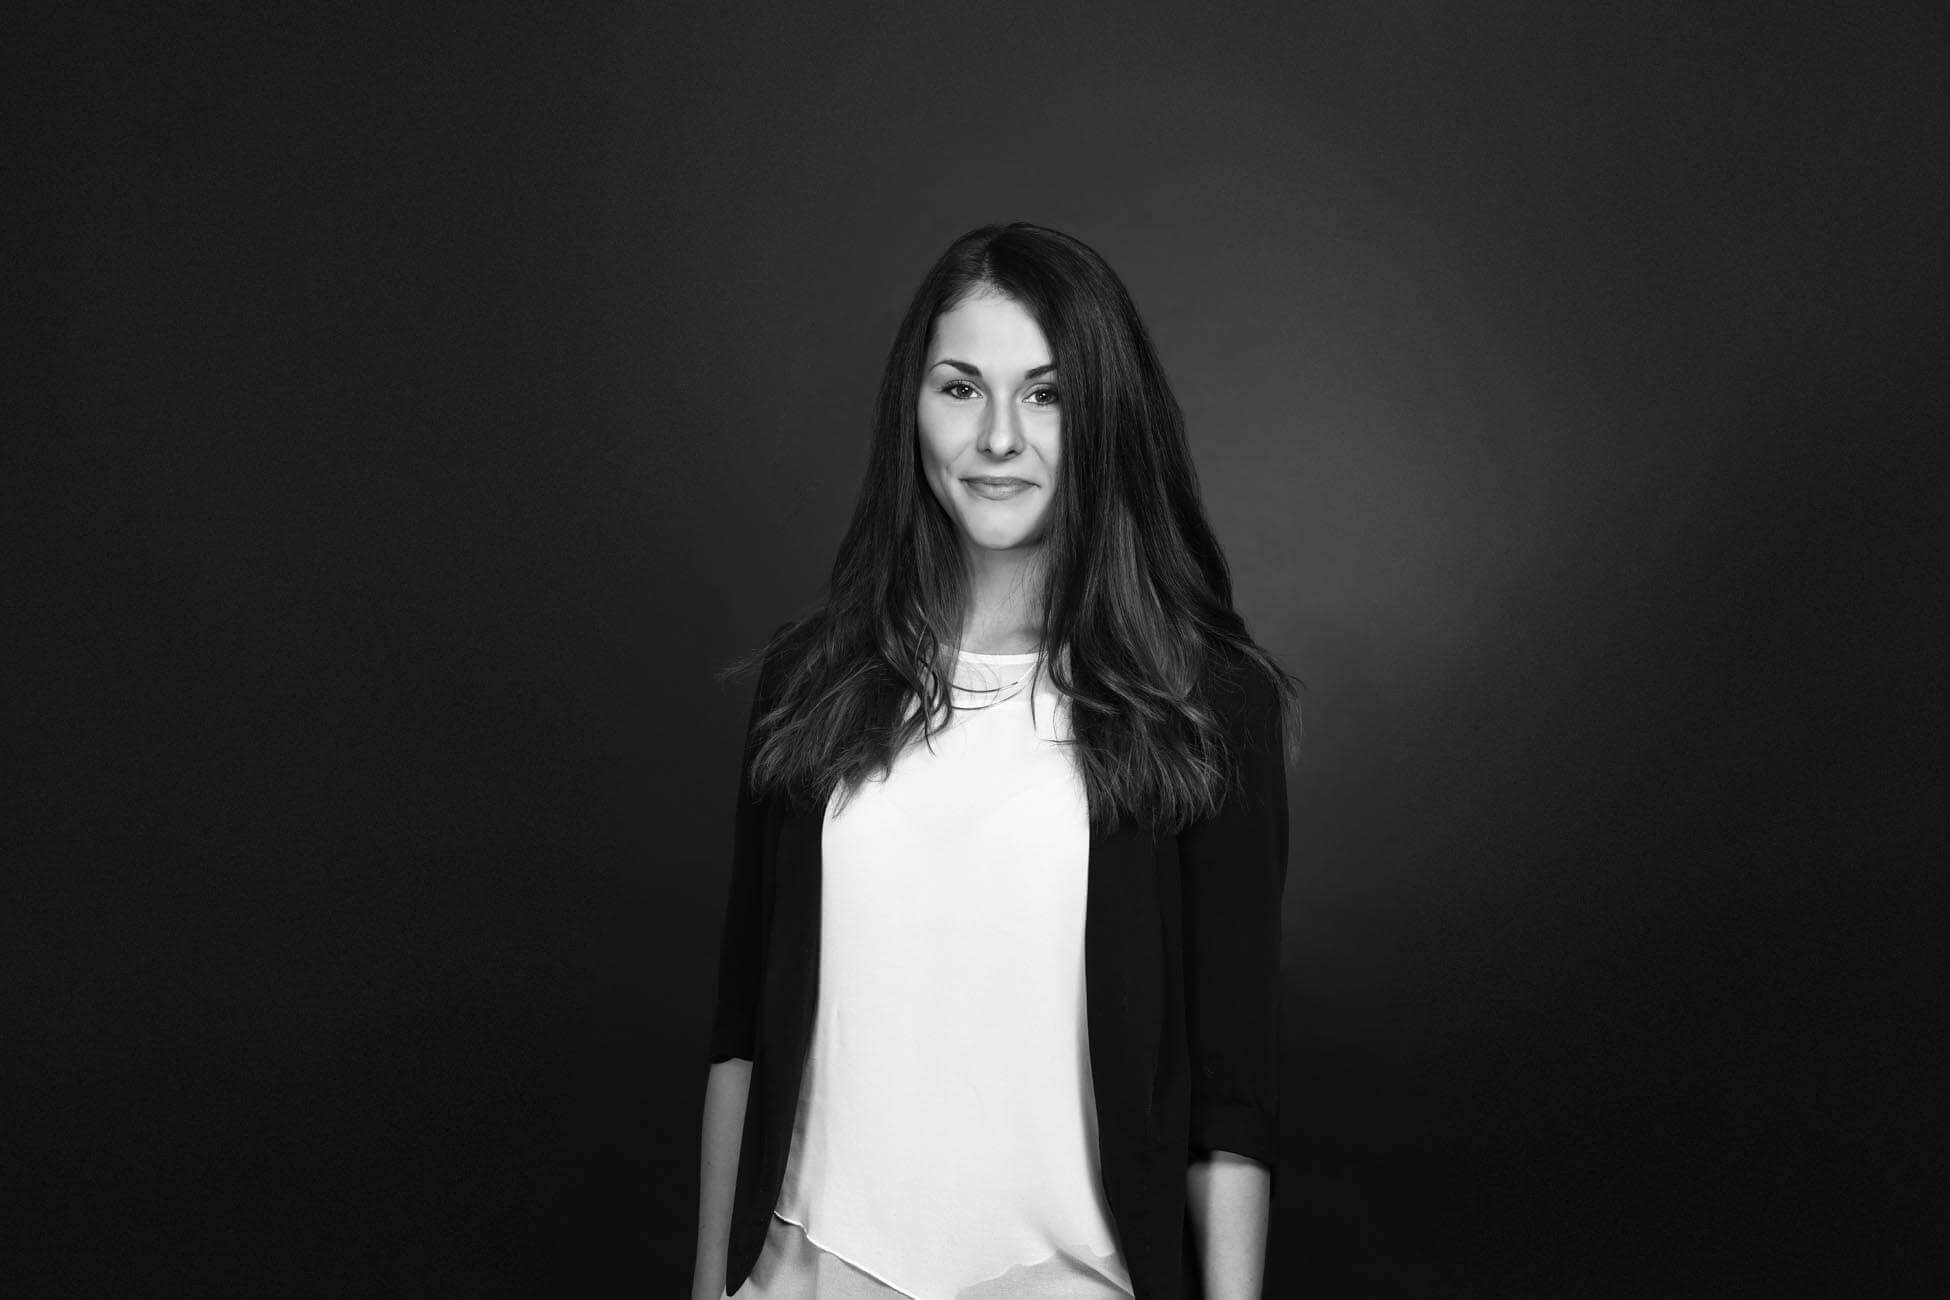 Businesspotrait - Bewerbungsfoto - Portrait - Businessfrau - Fotograuf aus Klagenfurt, Kärnten Österreich (2)